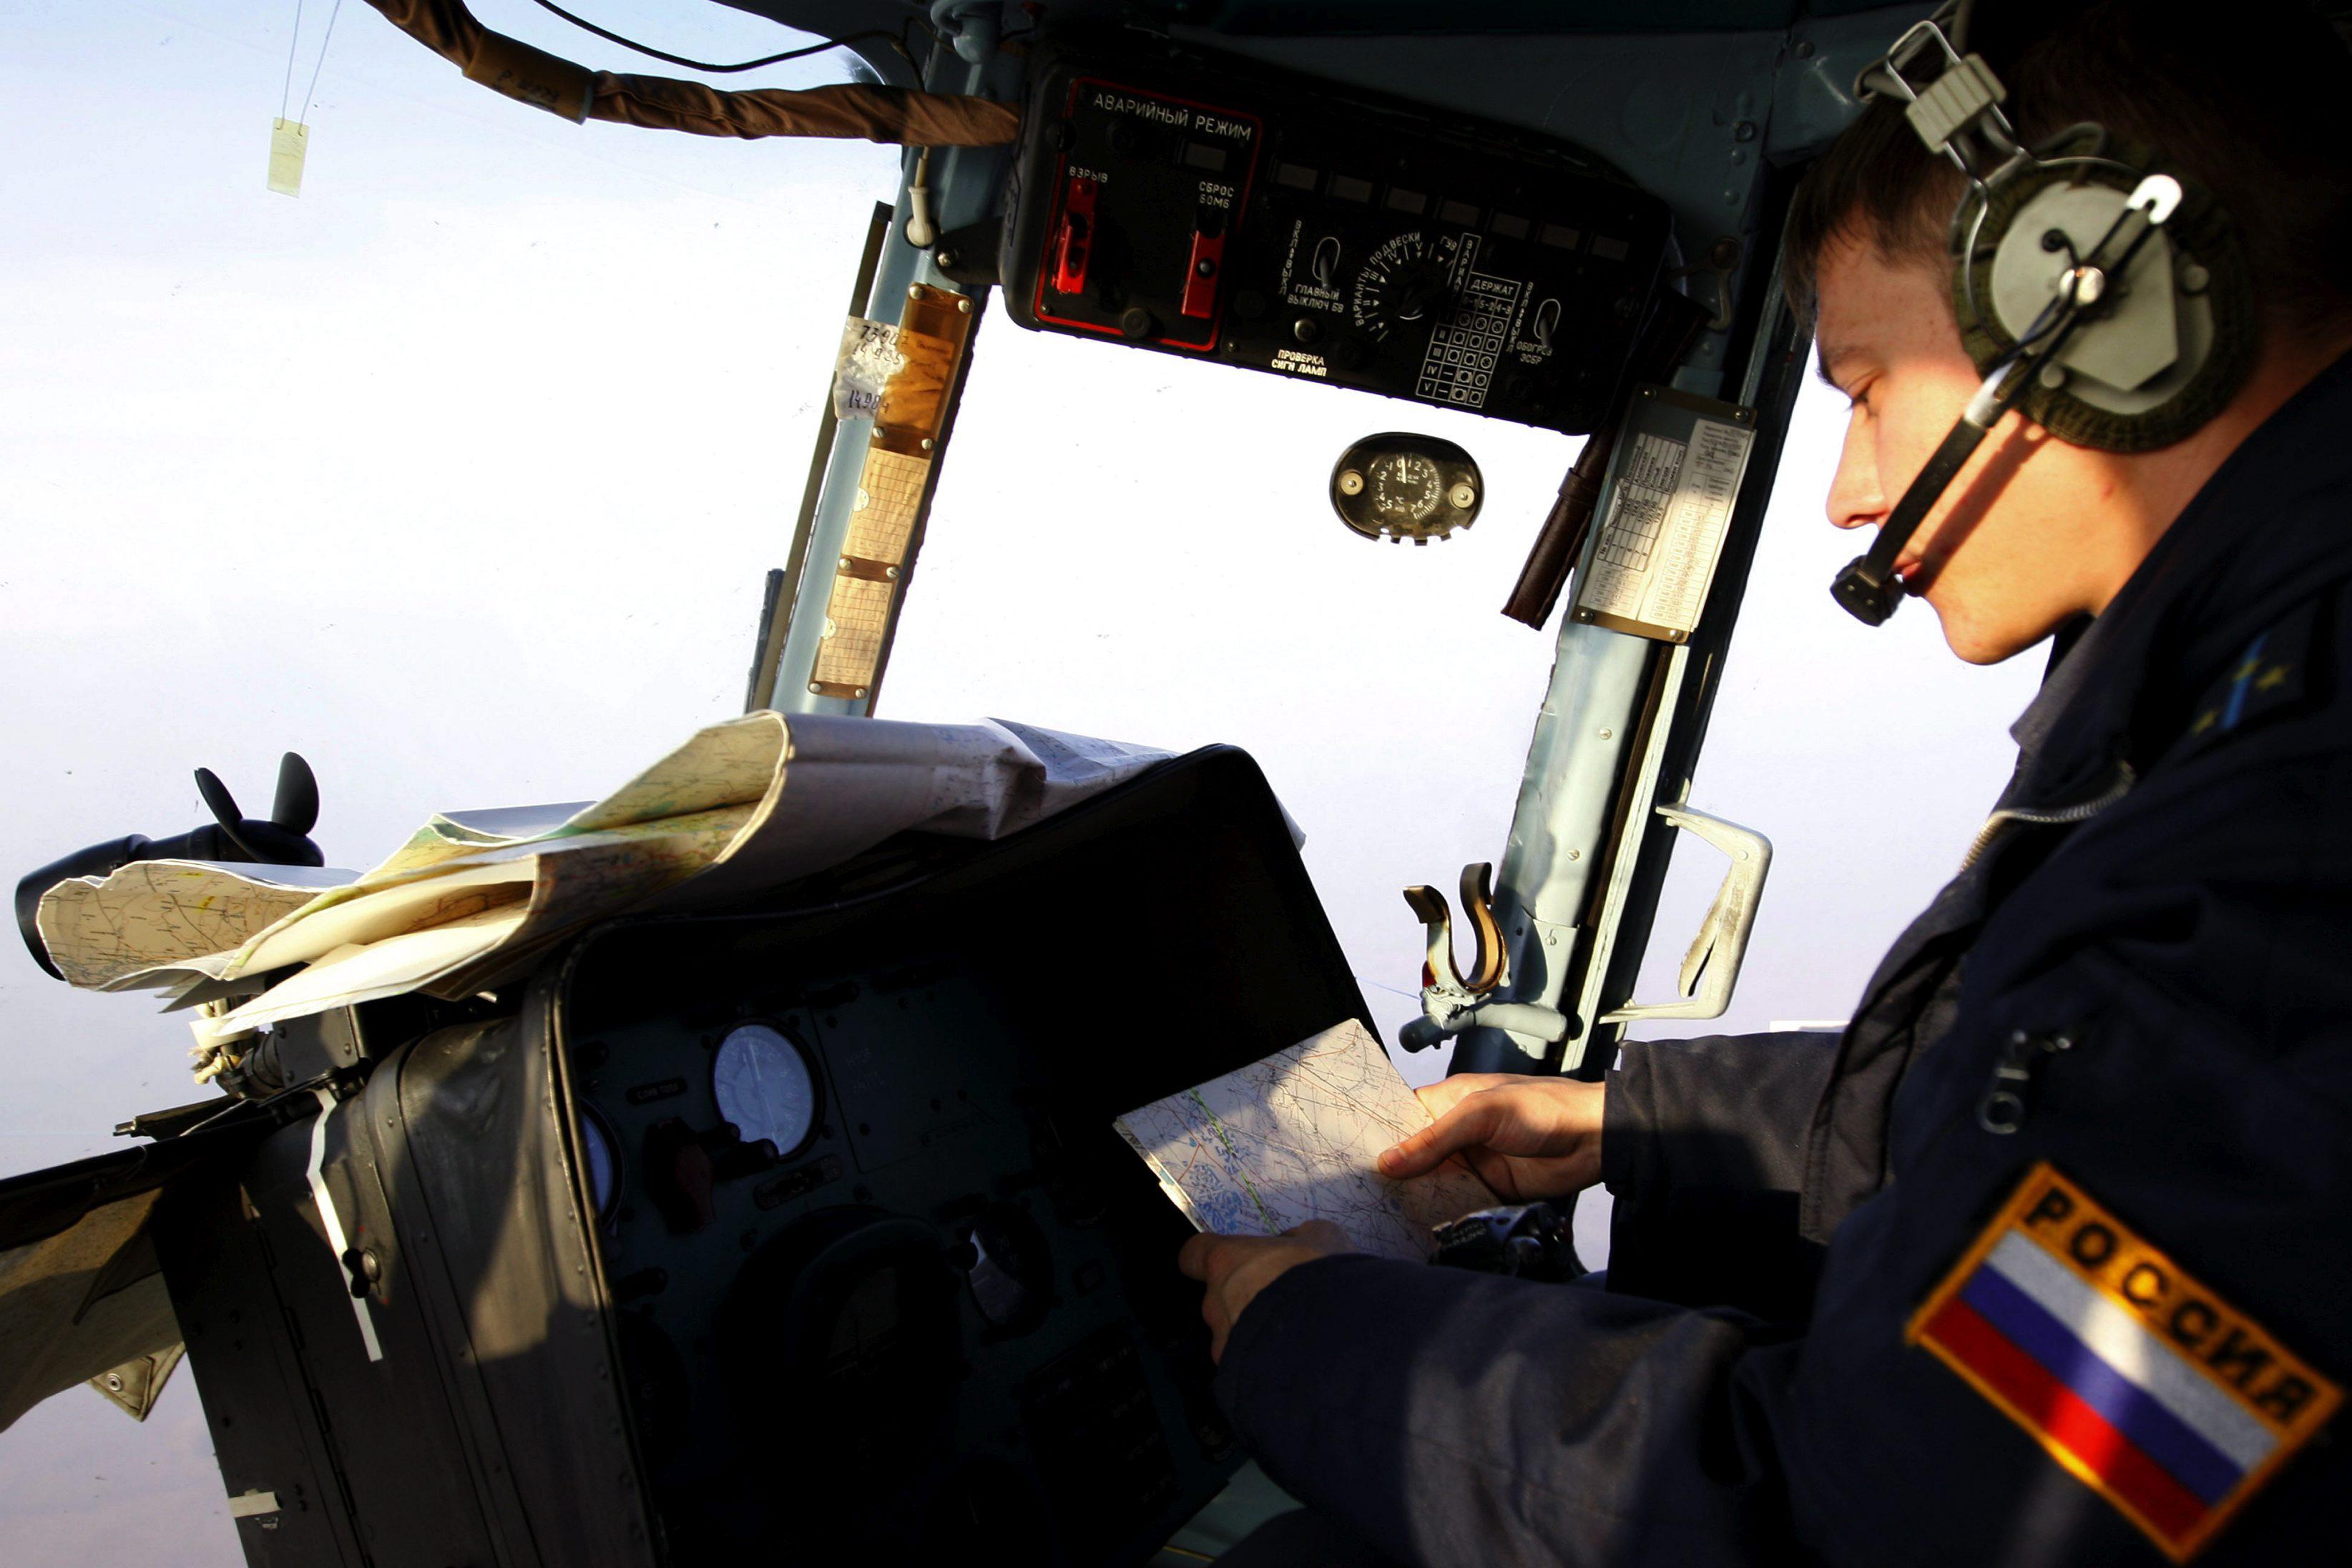 Пилот за штурвалом вертолета Ми-8